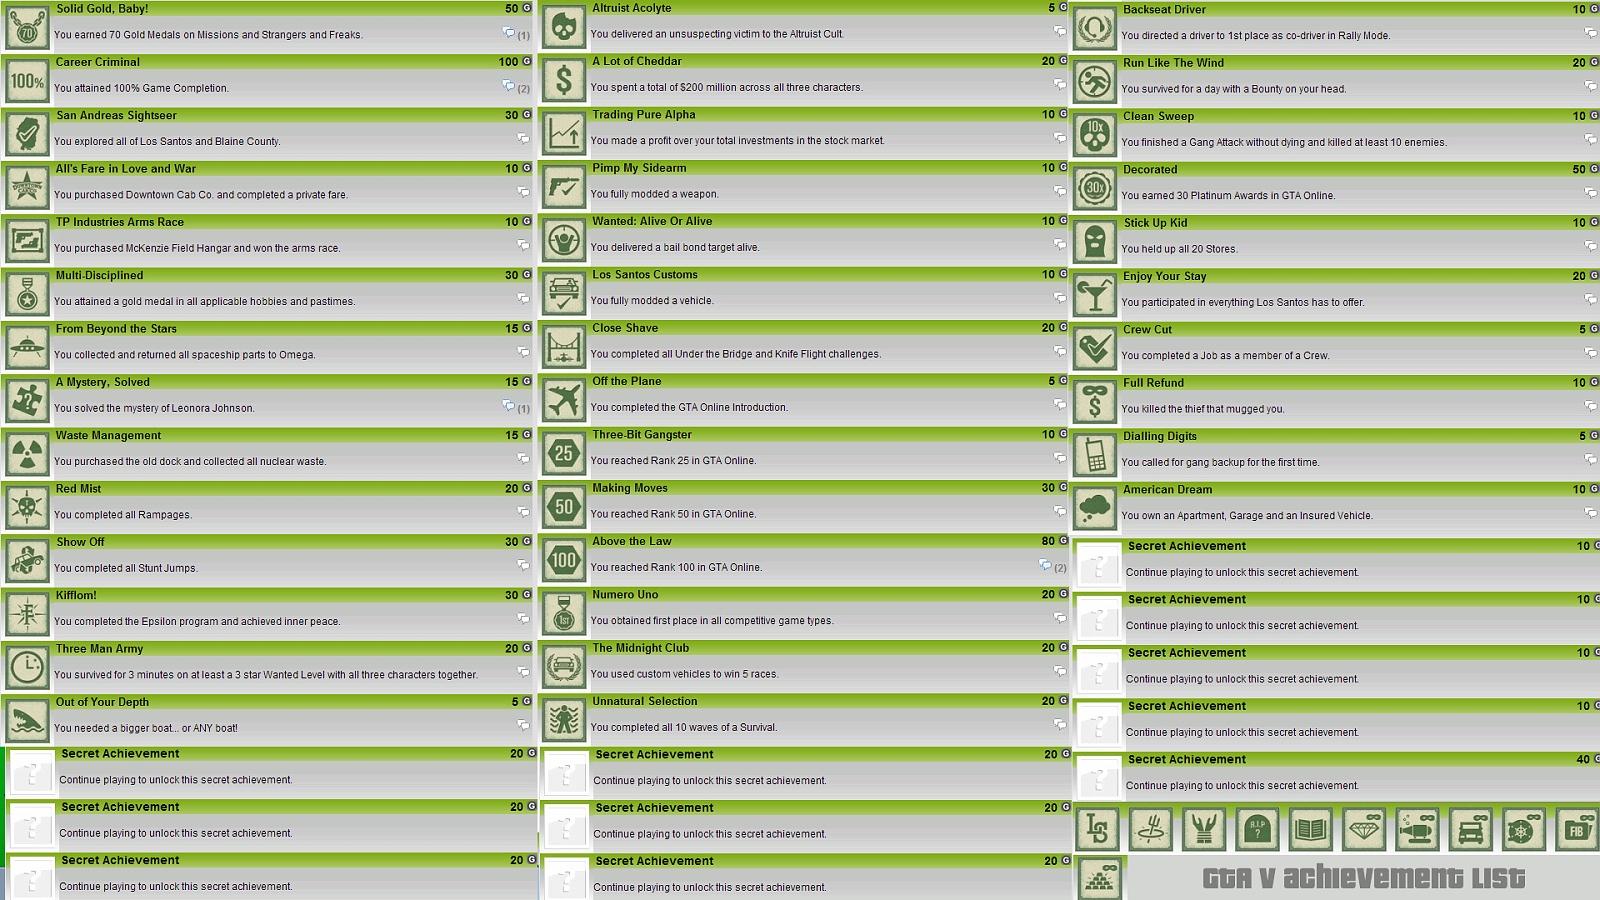 Uniklé achievementy GTA V prozrazují zajímavé maličkosti 86230